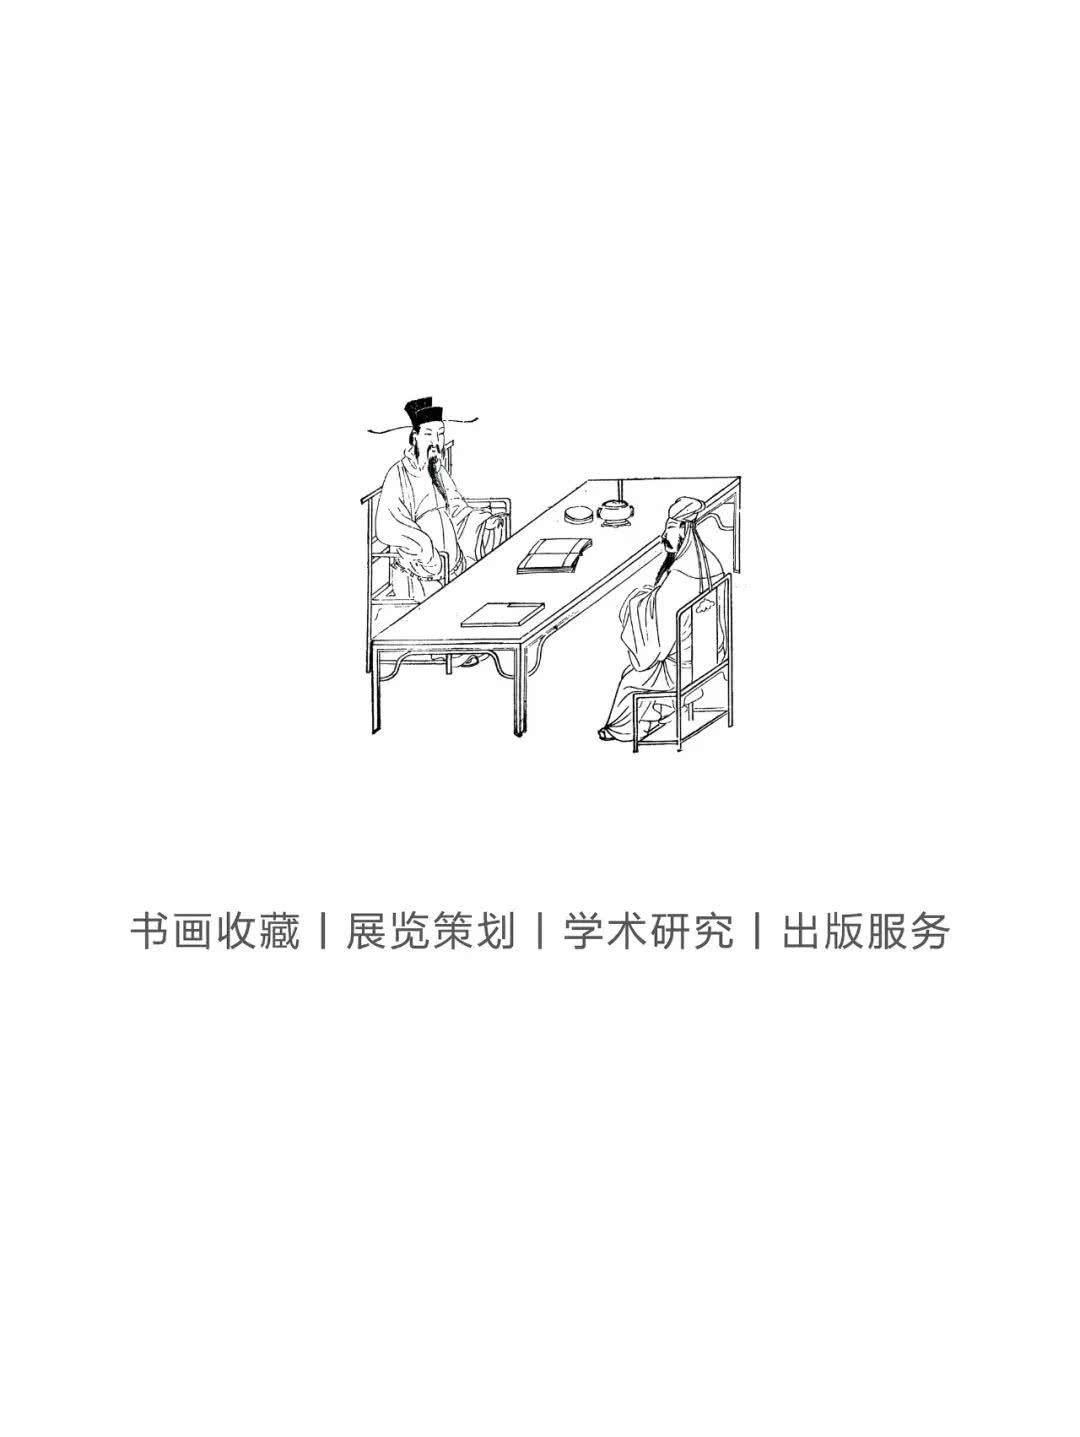 私享品鑒丨宋秦晉:一日看盡長安花